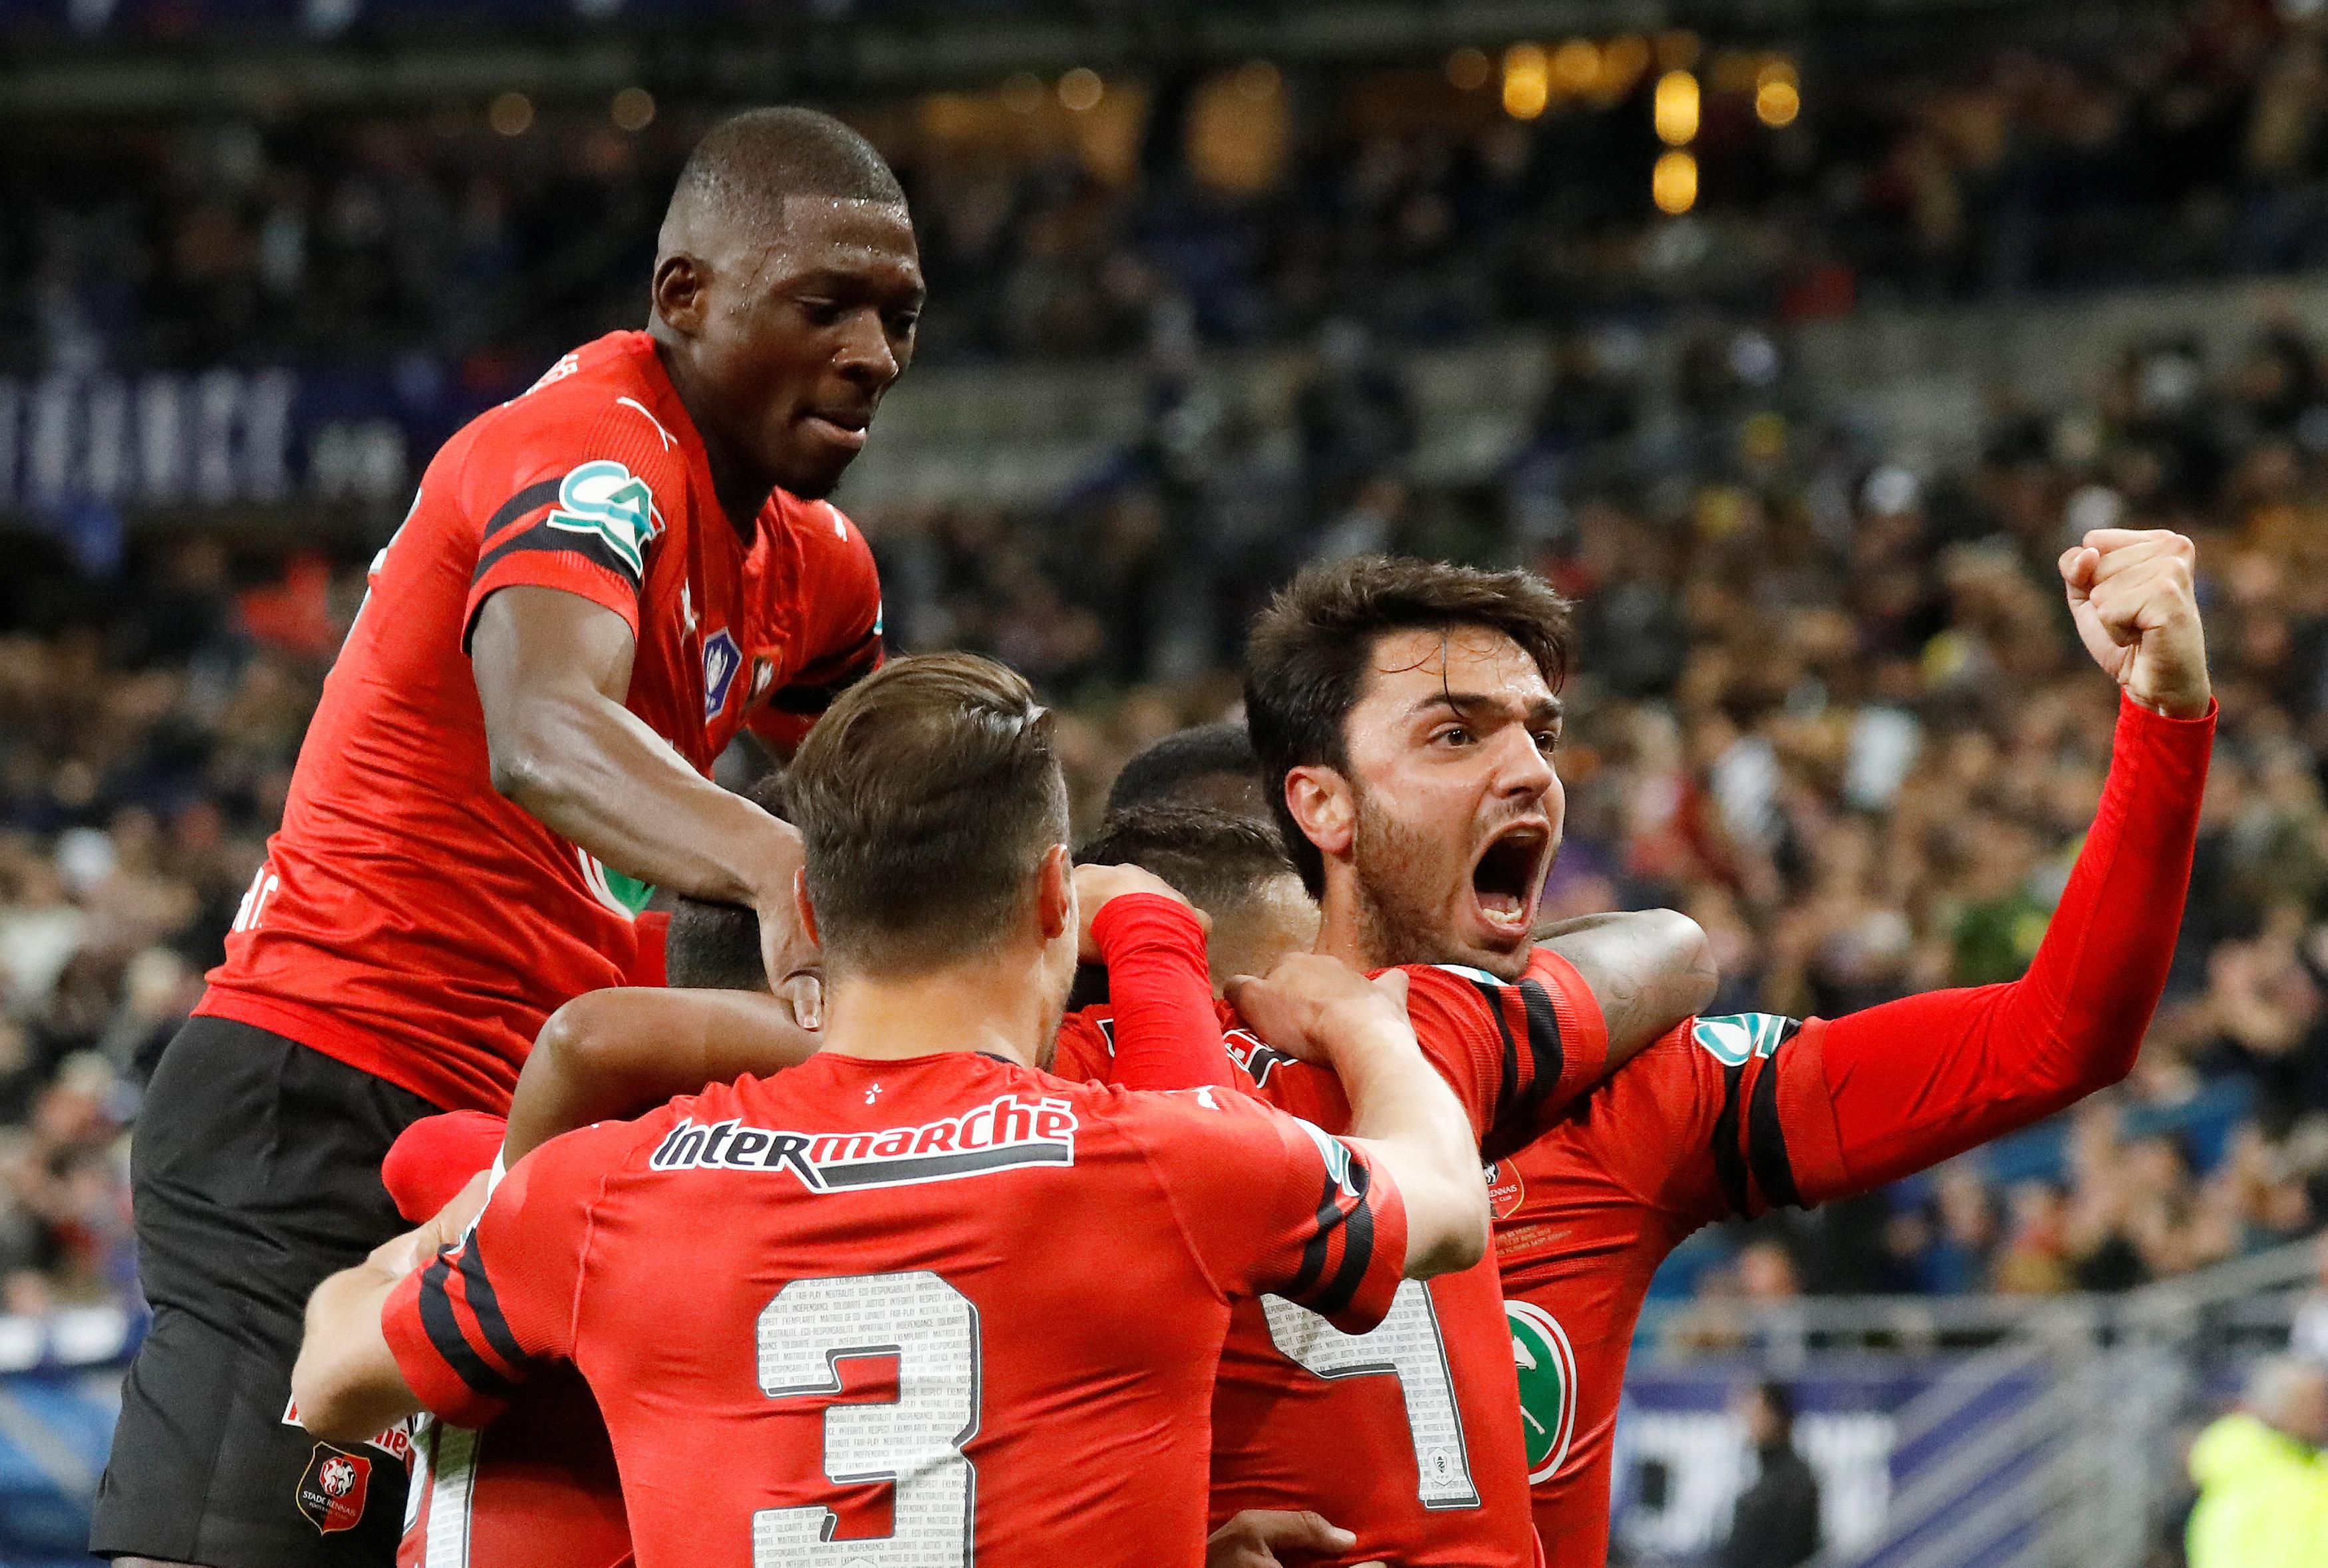 En fotos: Rennes se coronó campeón de la Copa de Francia al sorprender al PSG en la Final